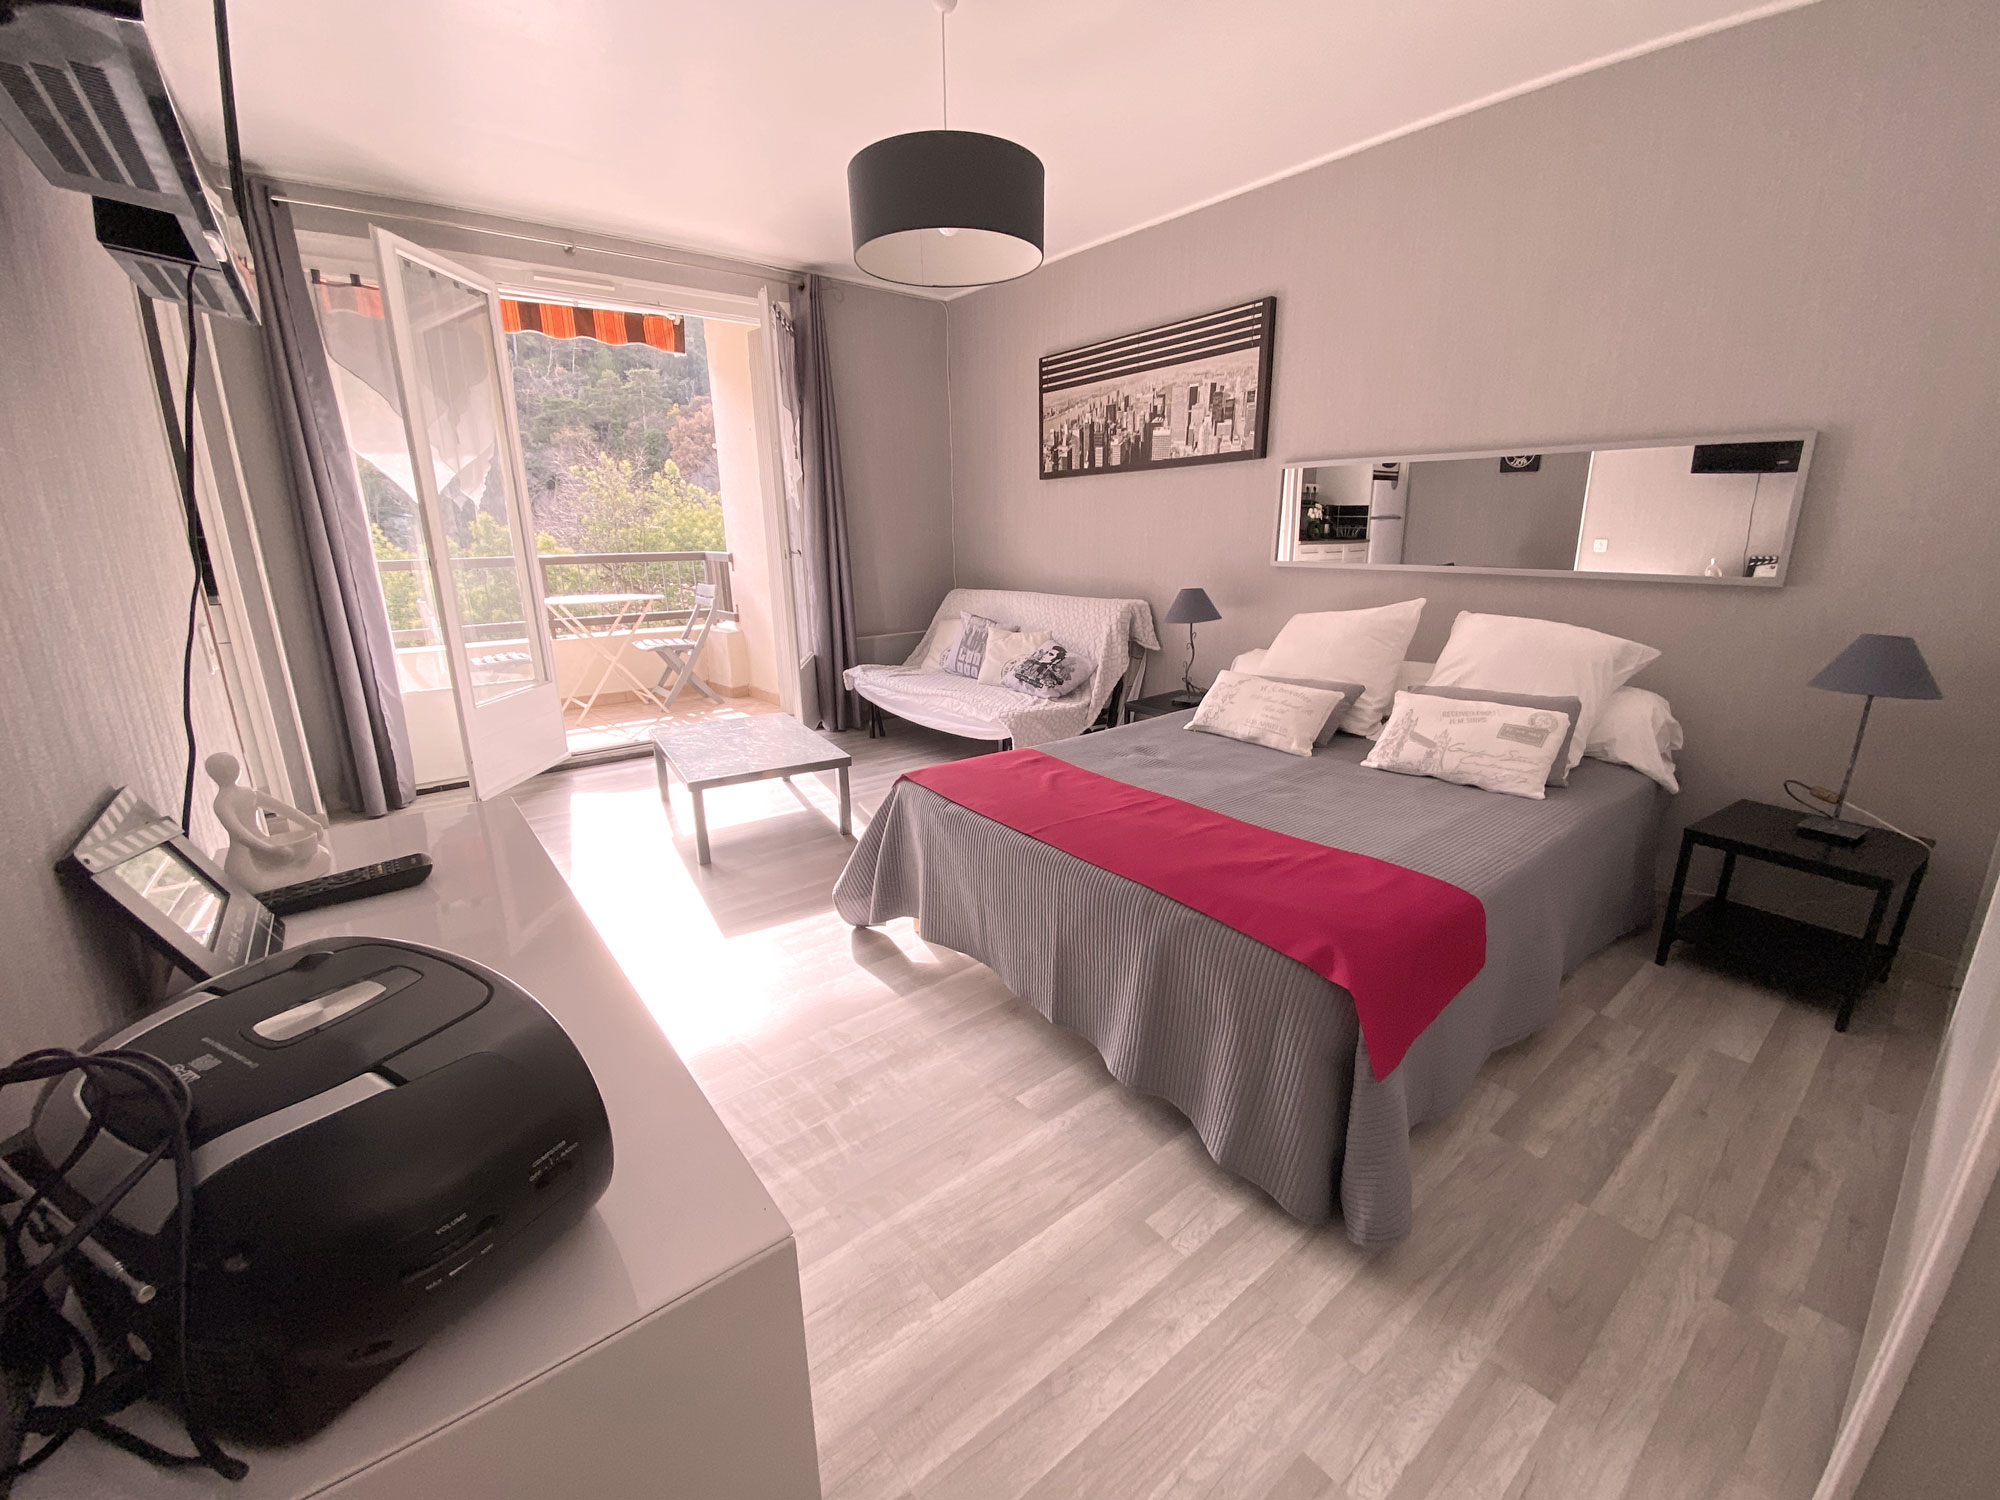 Chambre grise lit avec couverture rouge appartement Amelie les bains